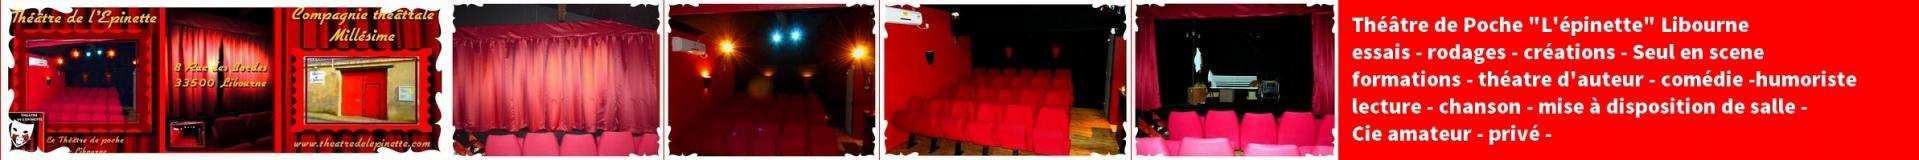 Le theatre de poche de libourne l epinette cie millesime